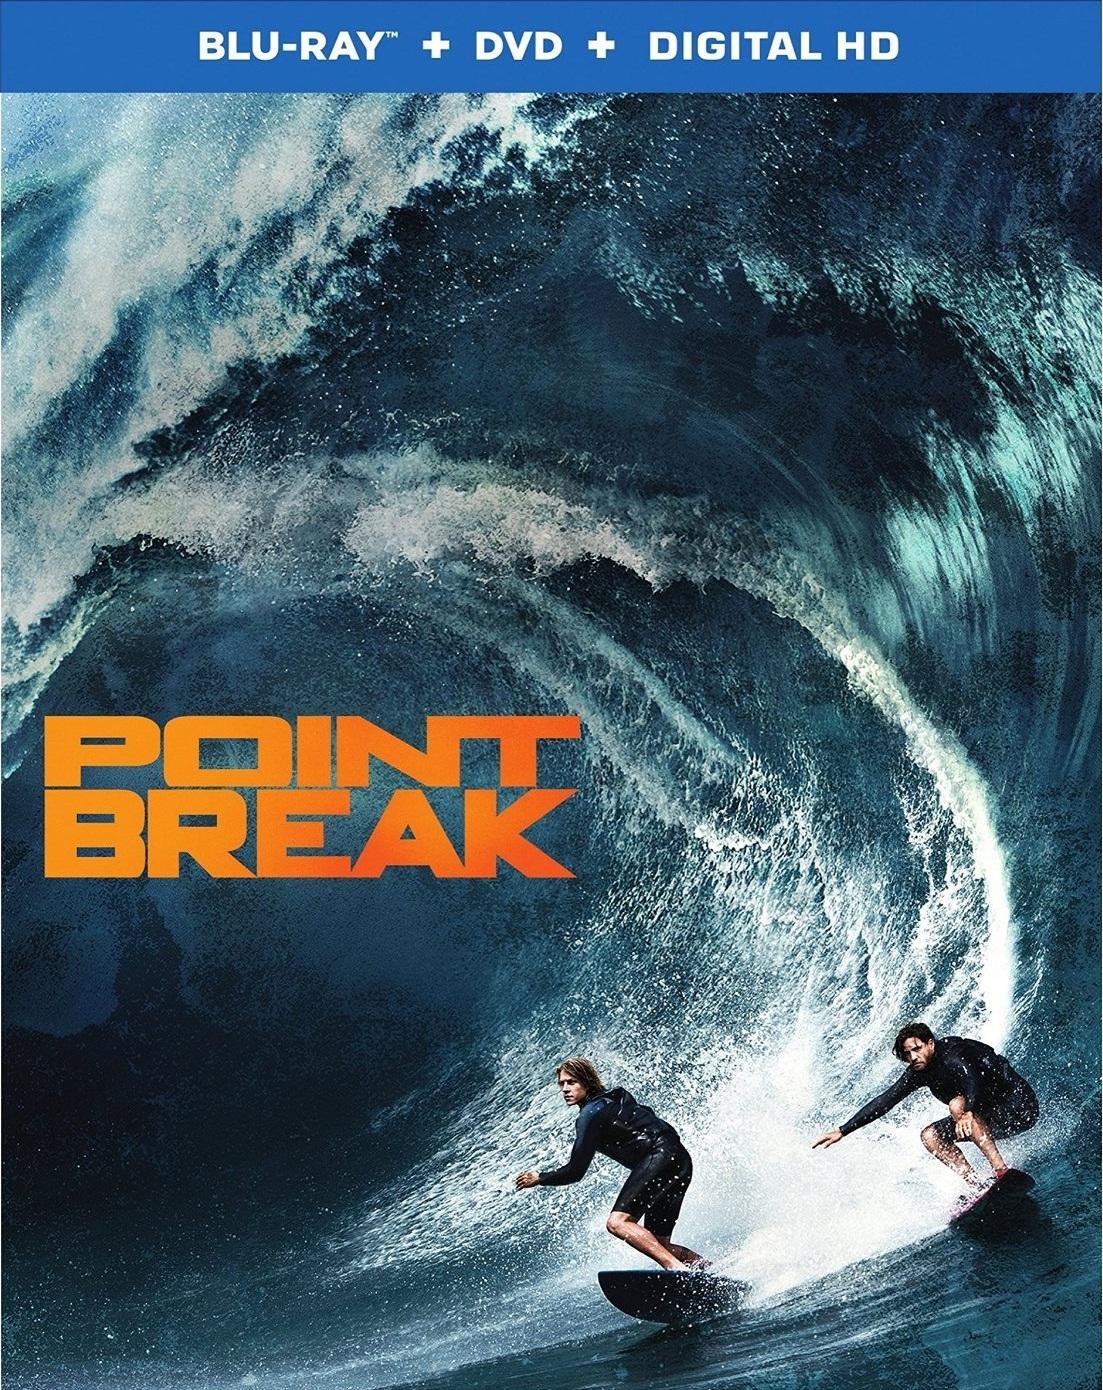 Point Break (2015) Blu-ray